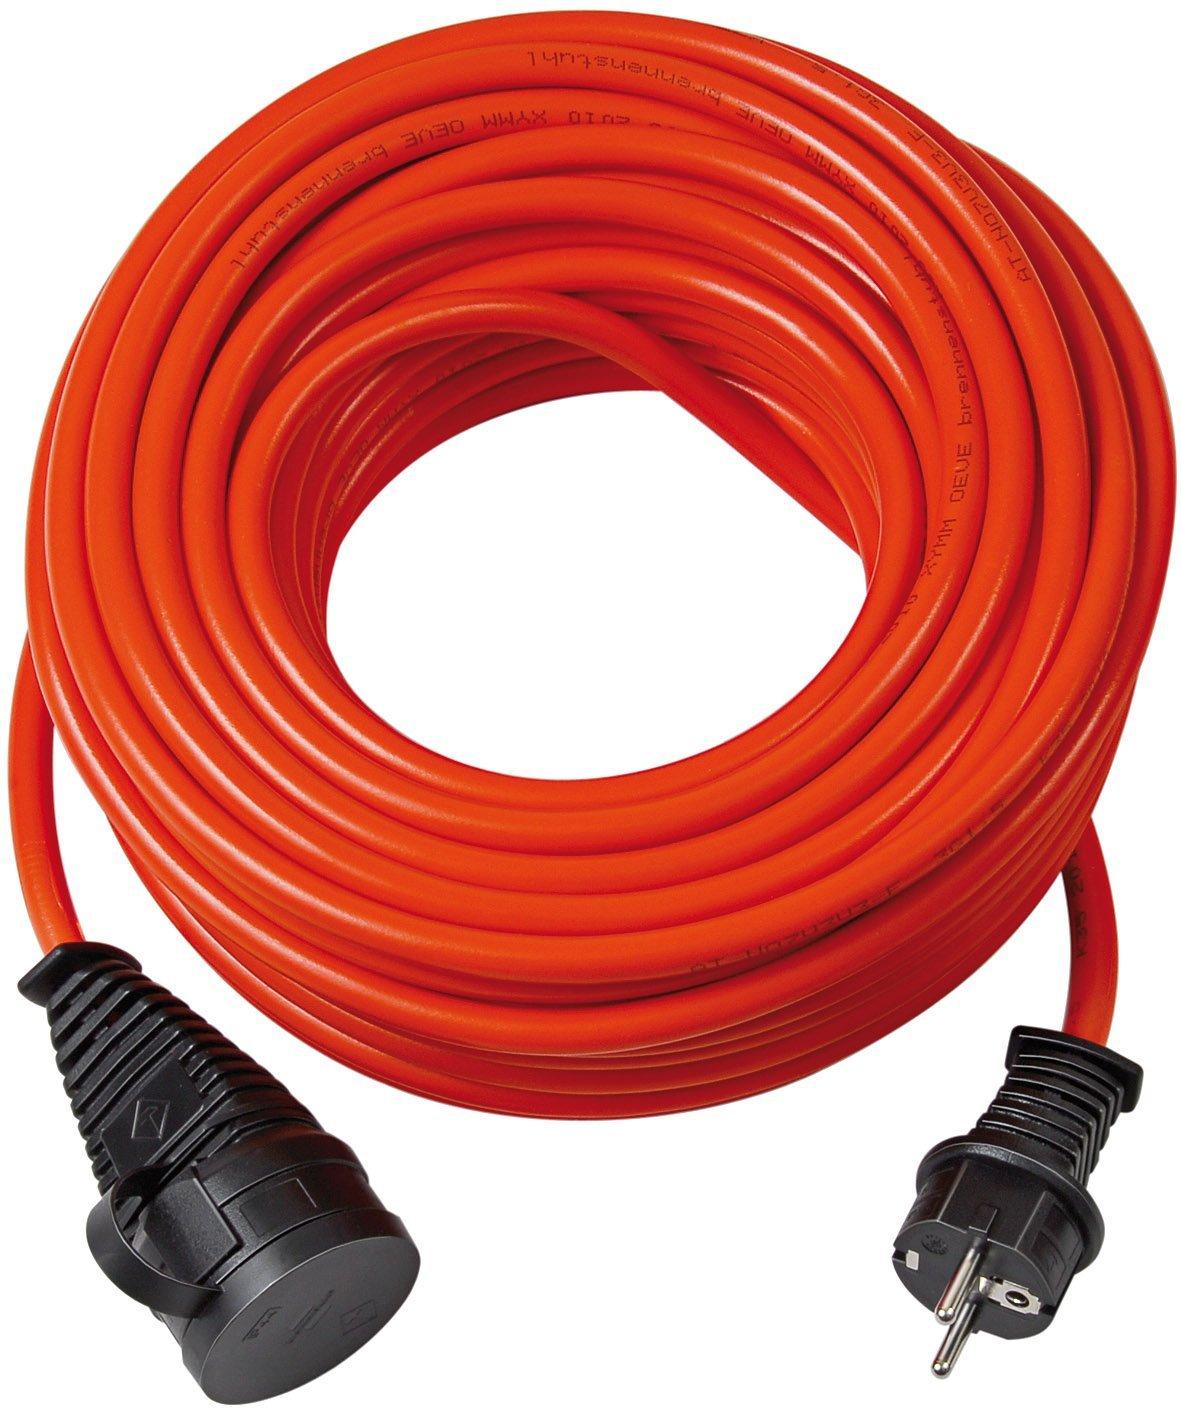 Innovativ Brennenstuhl Bremaxx Verlängerungskabel IP44 25m orange, 1161600  IE07